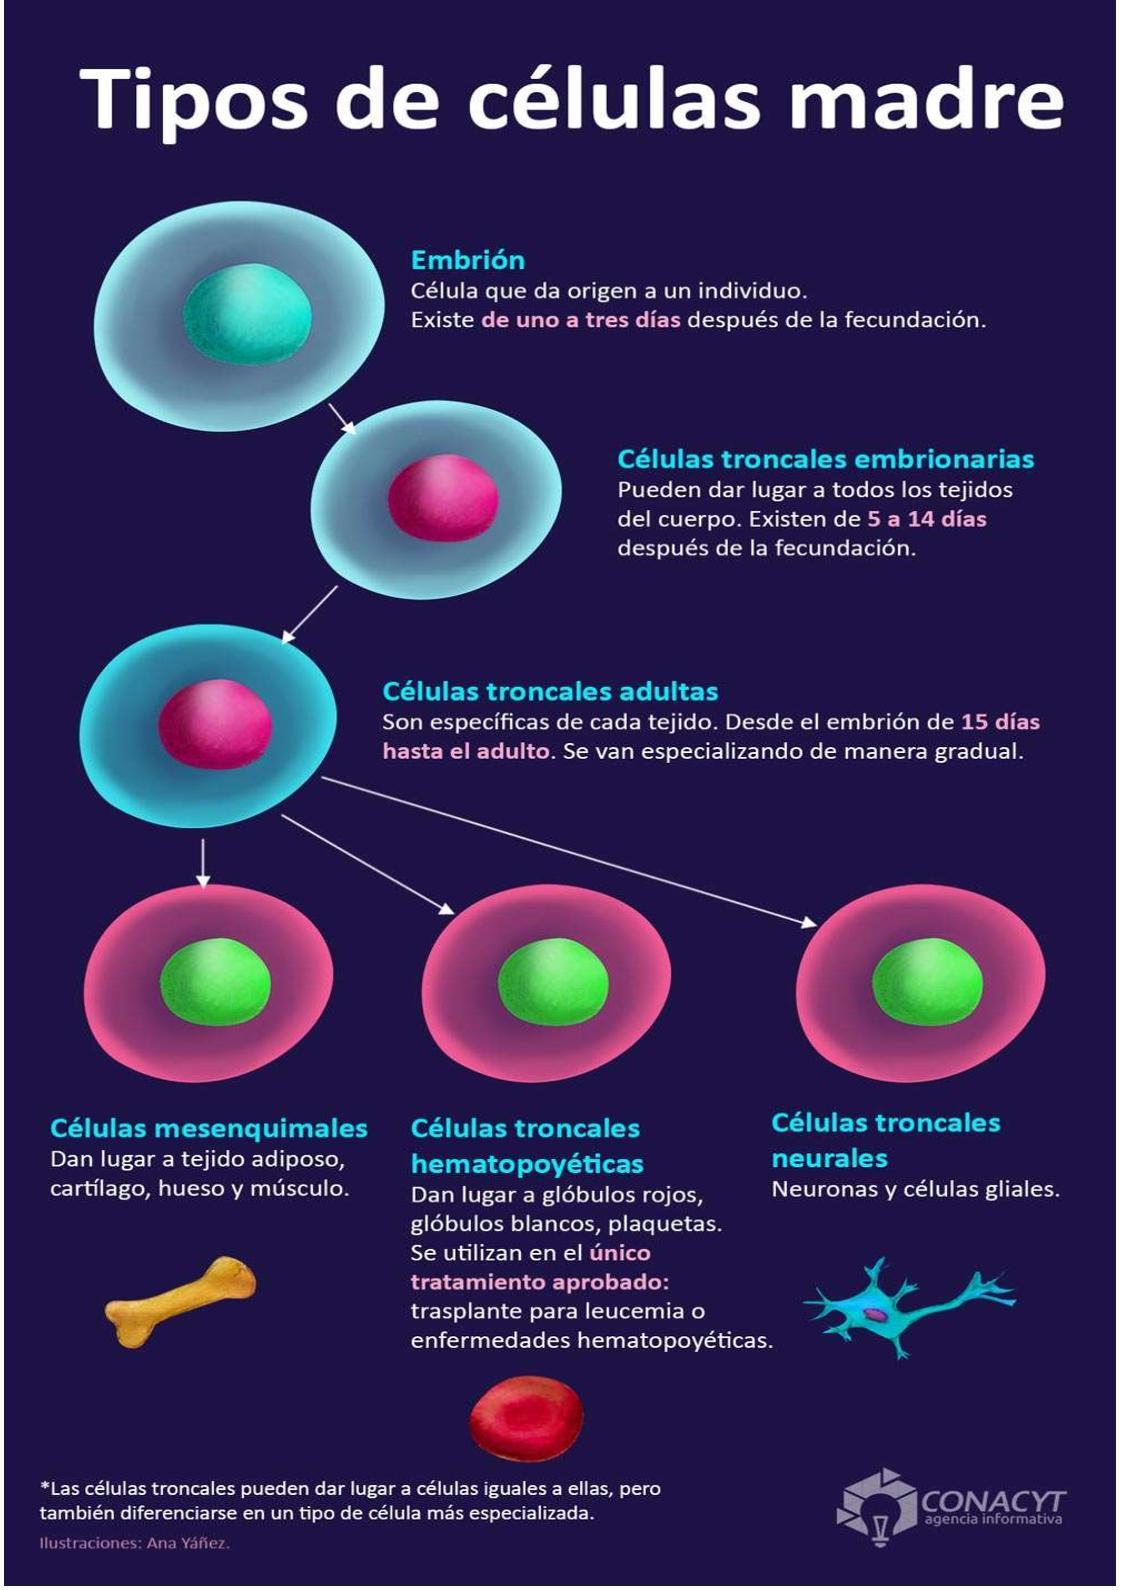 la investigación con células madre cura la diabetes tipo 1